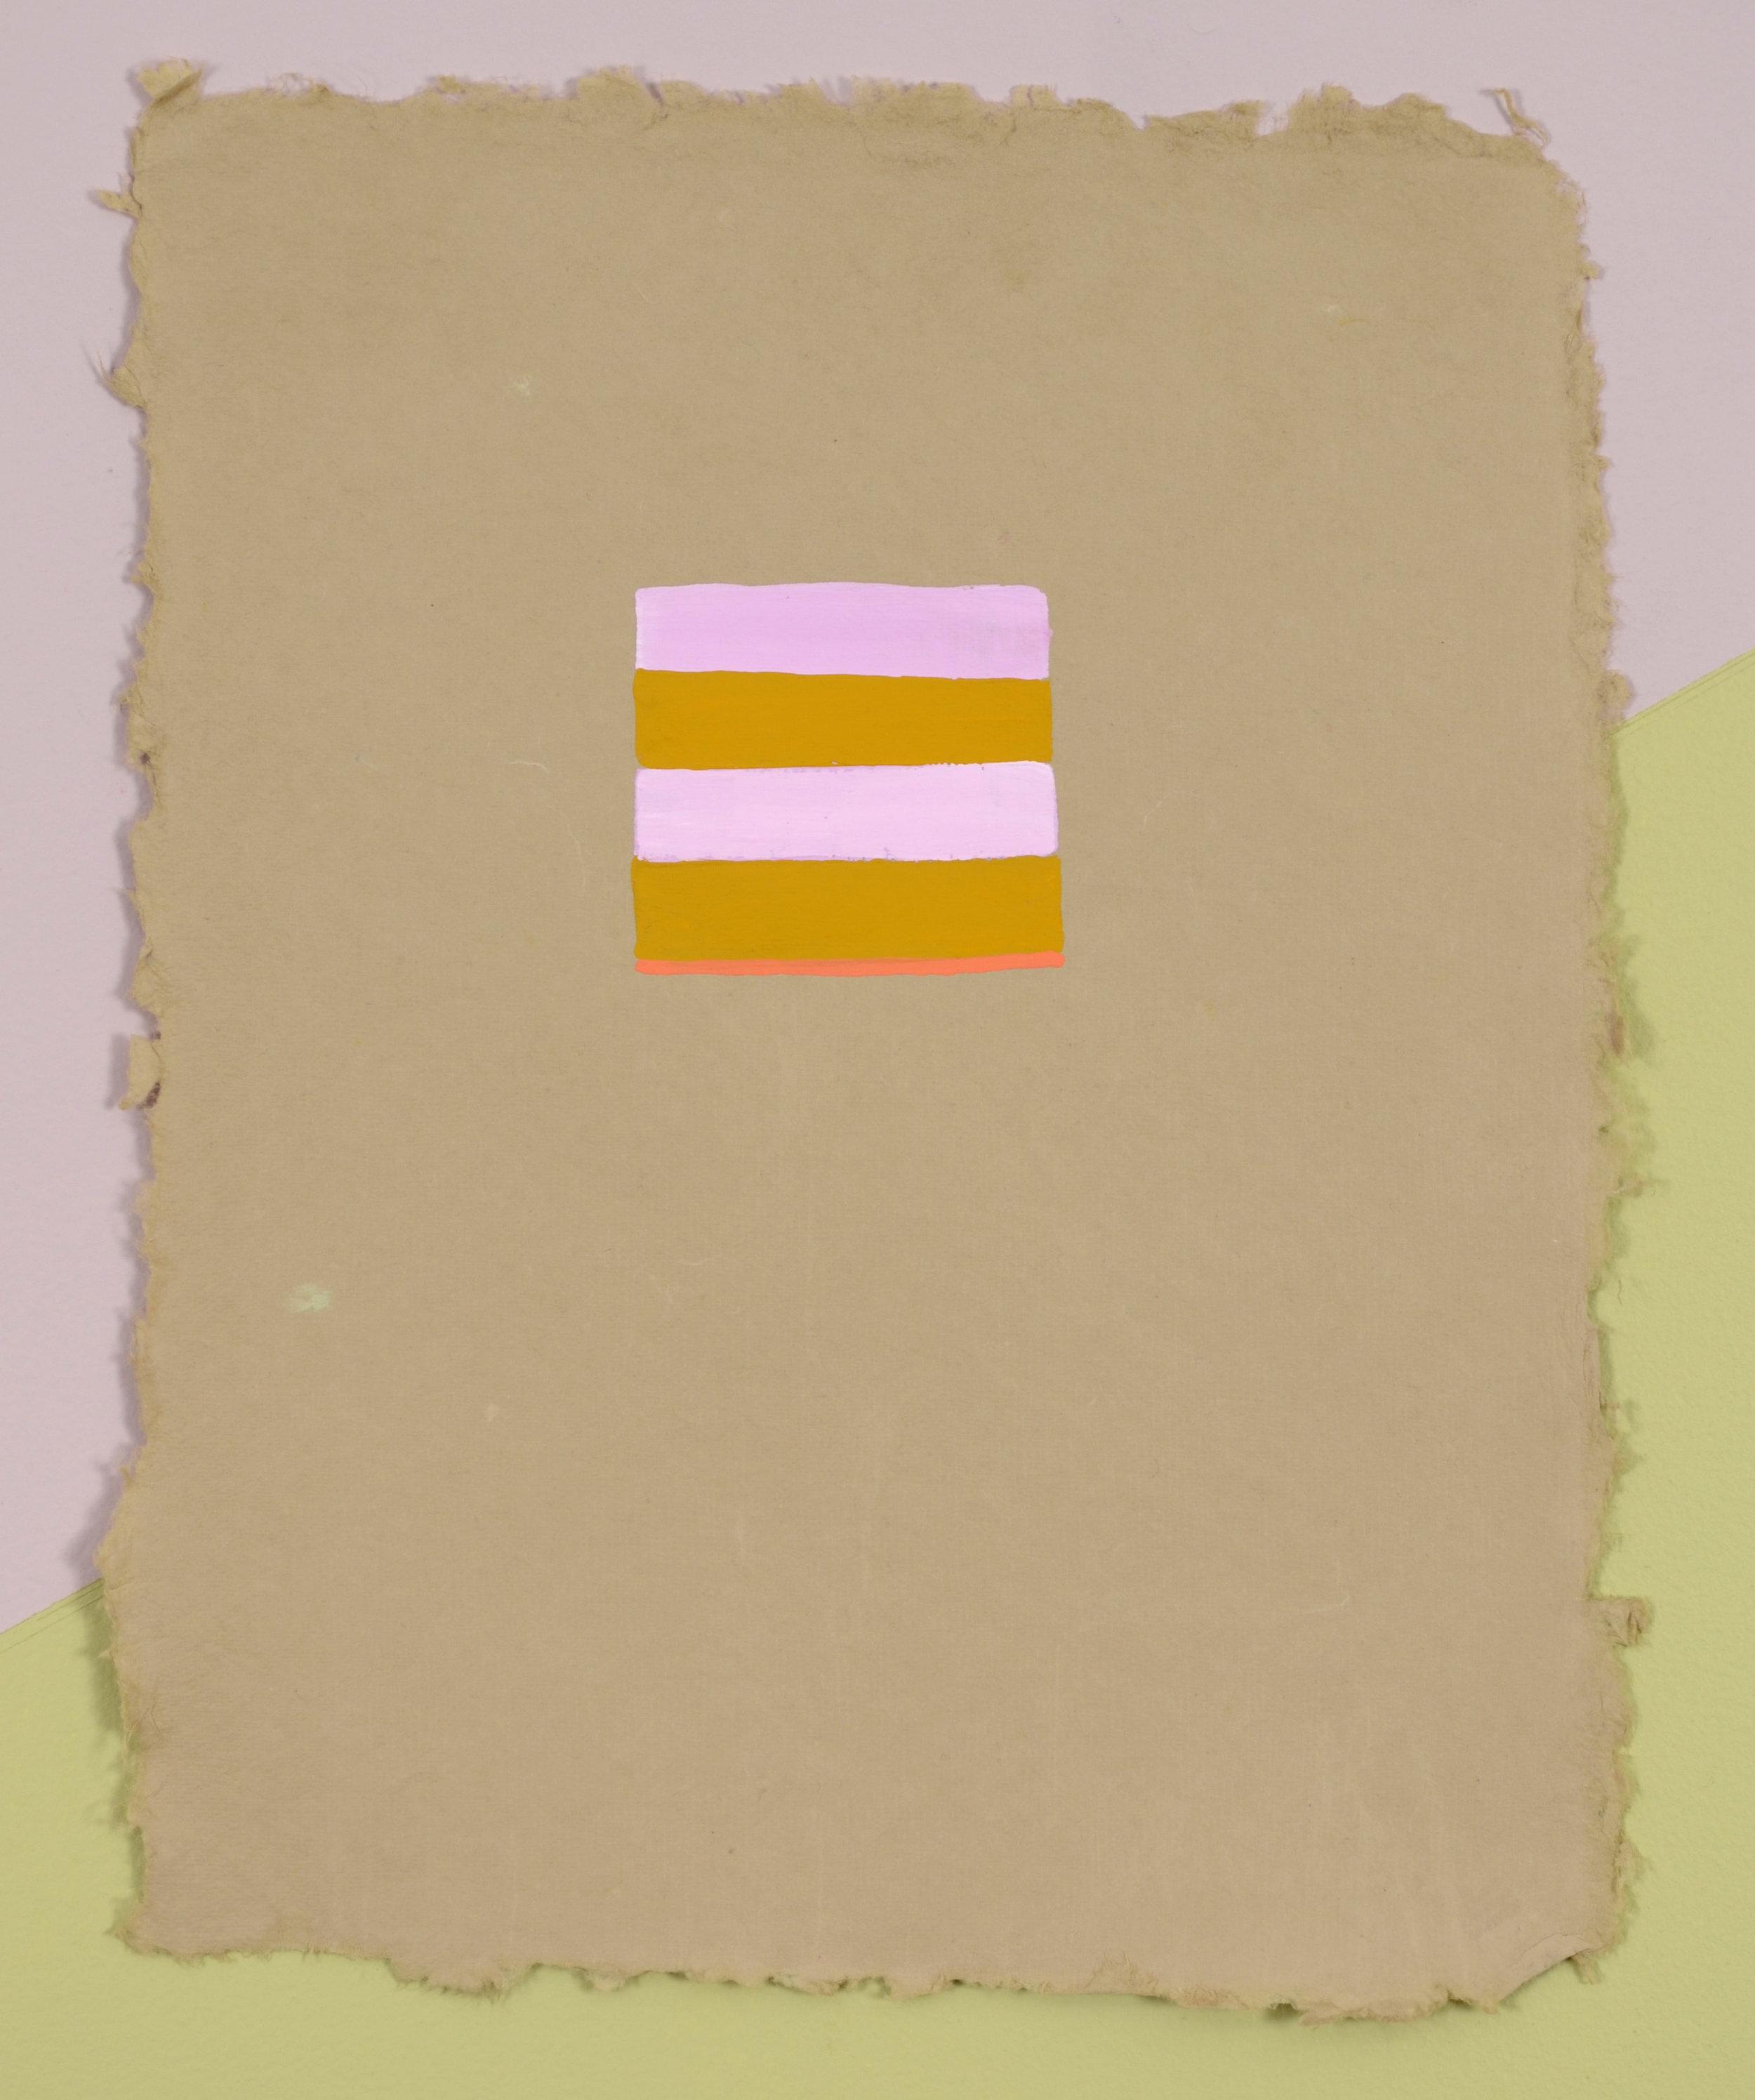 Tantra Stripe #2